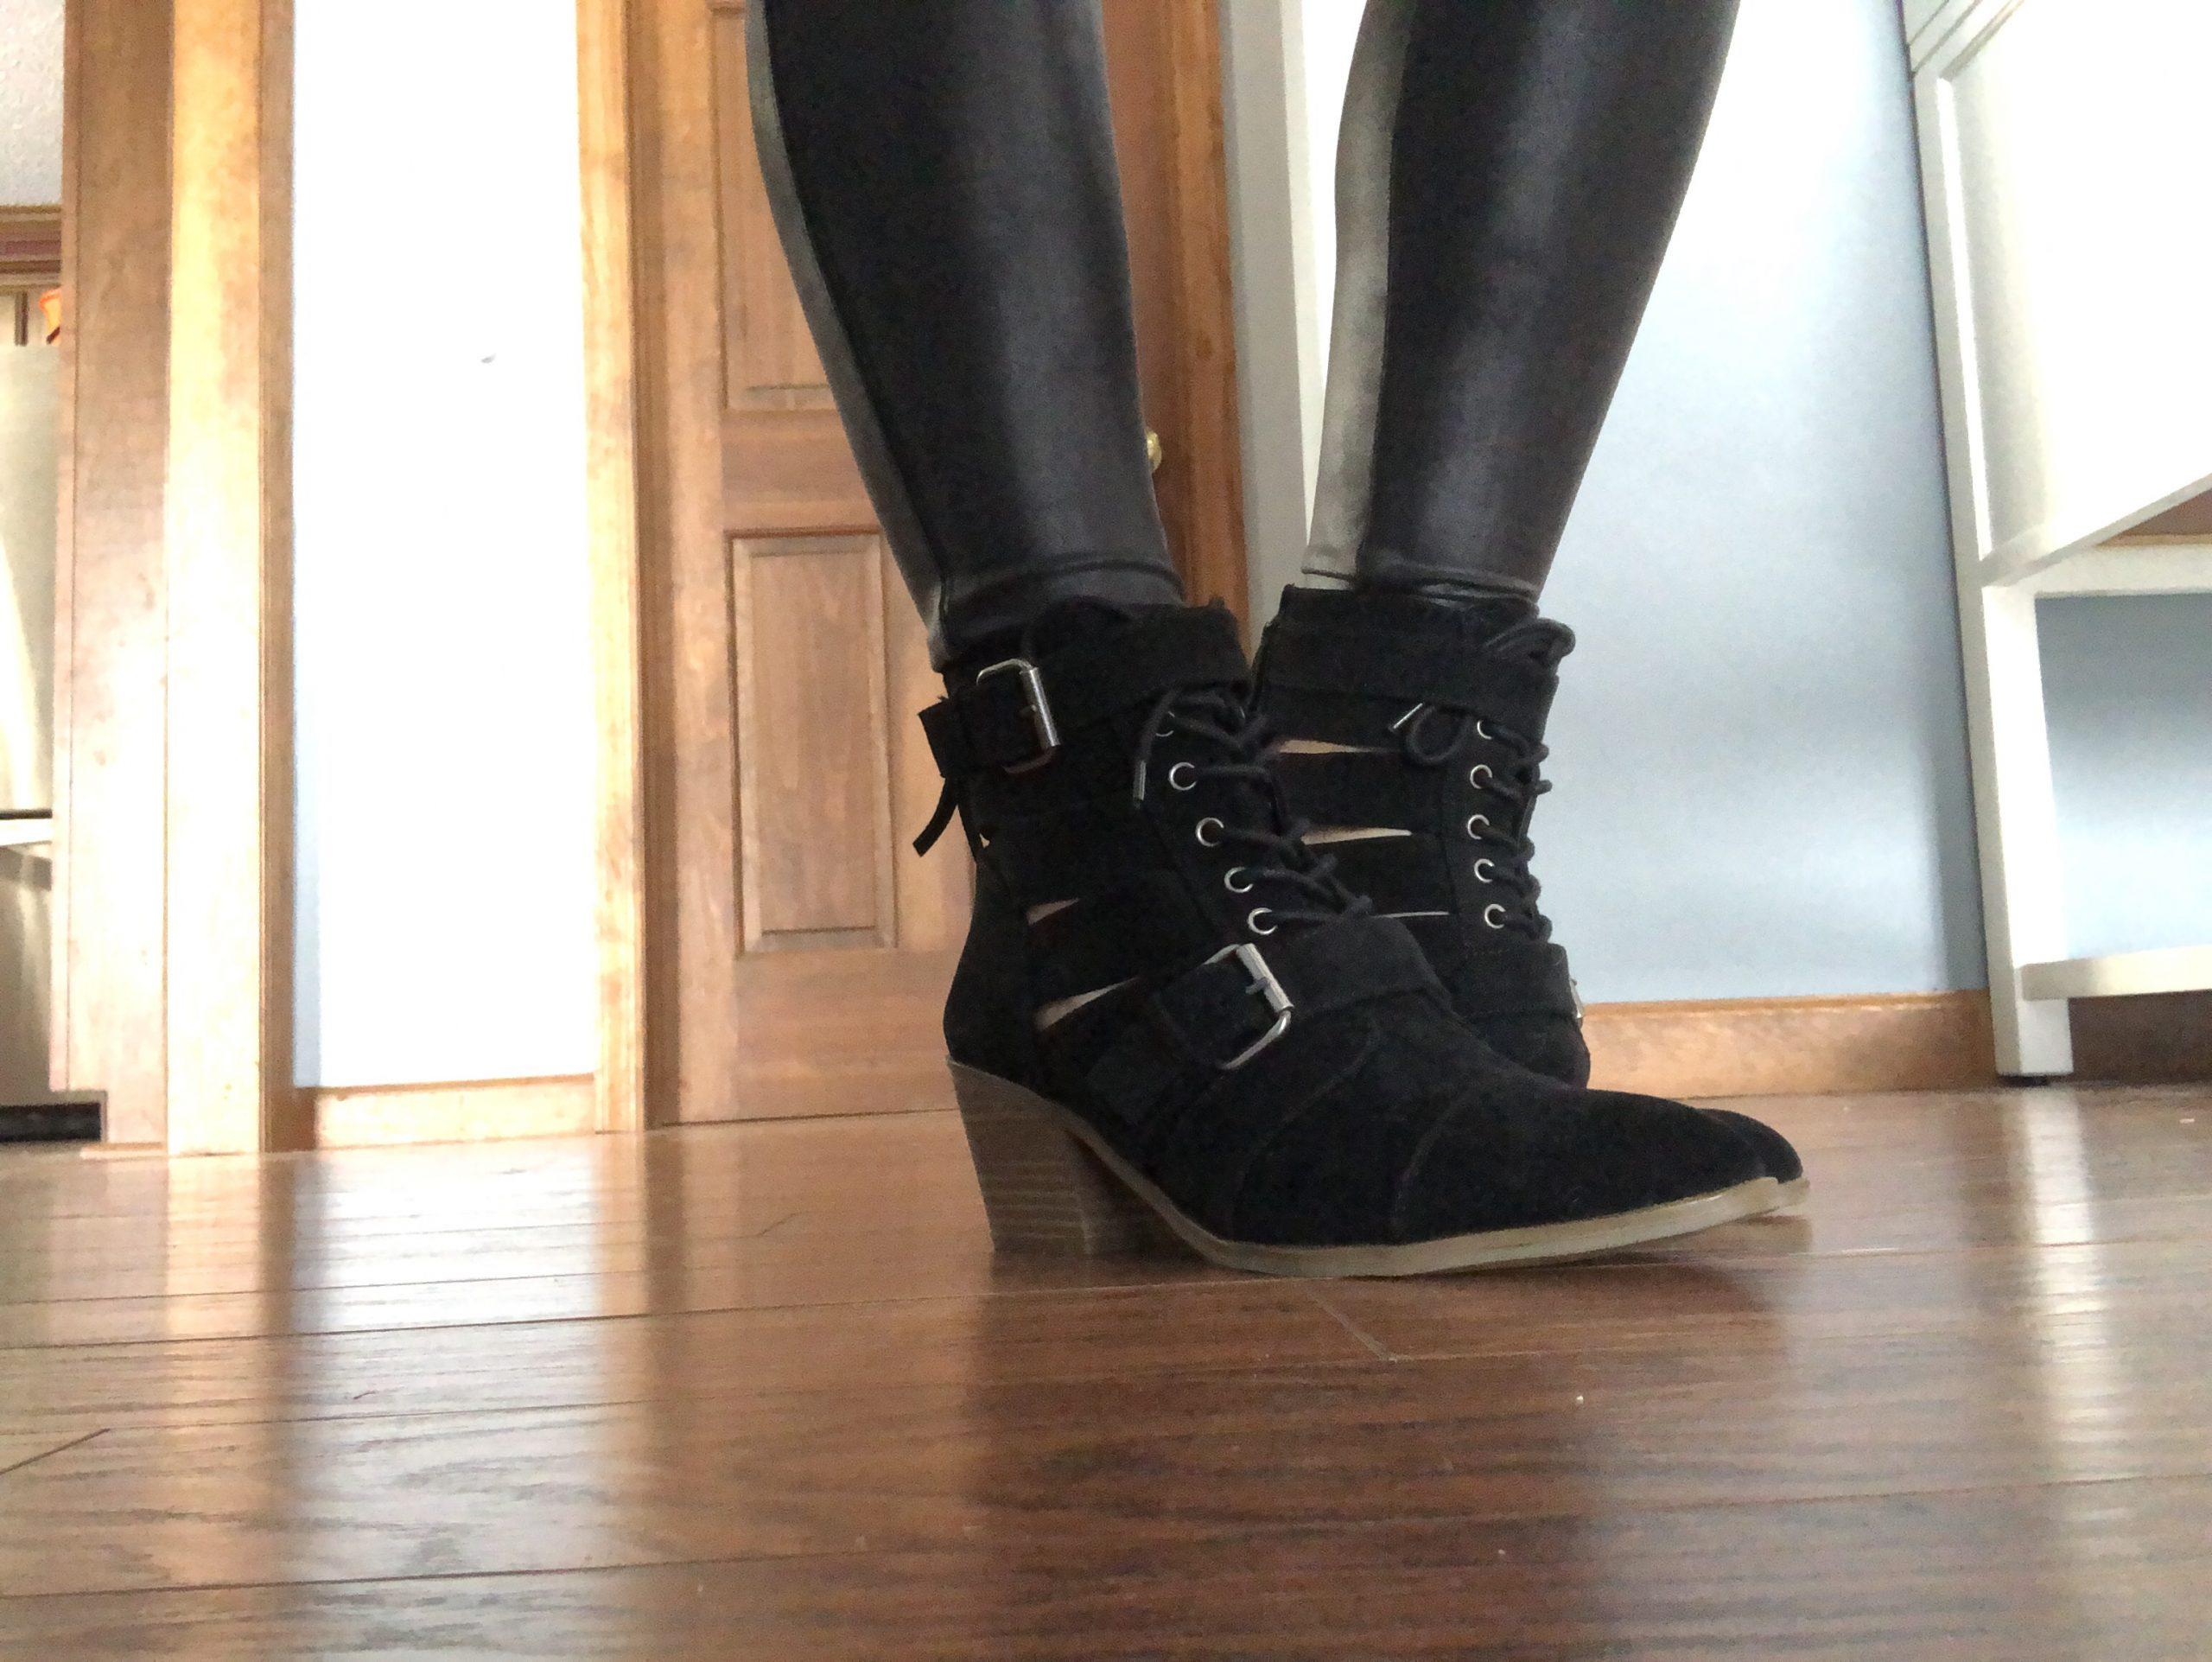 Chloe Rylee boot Target dupe